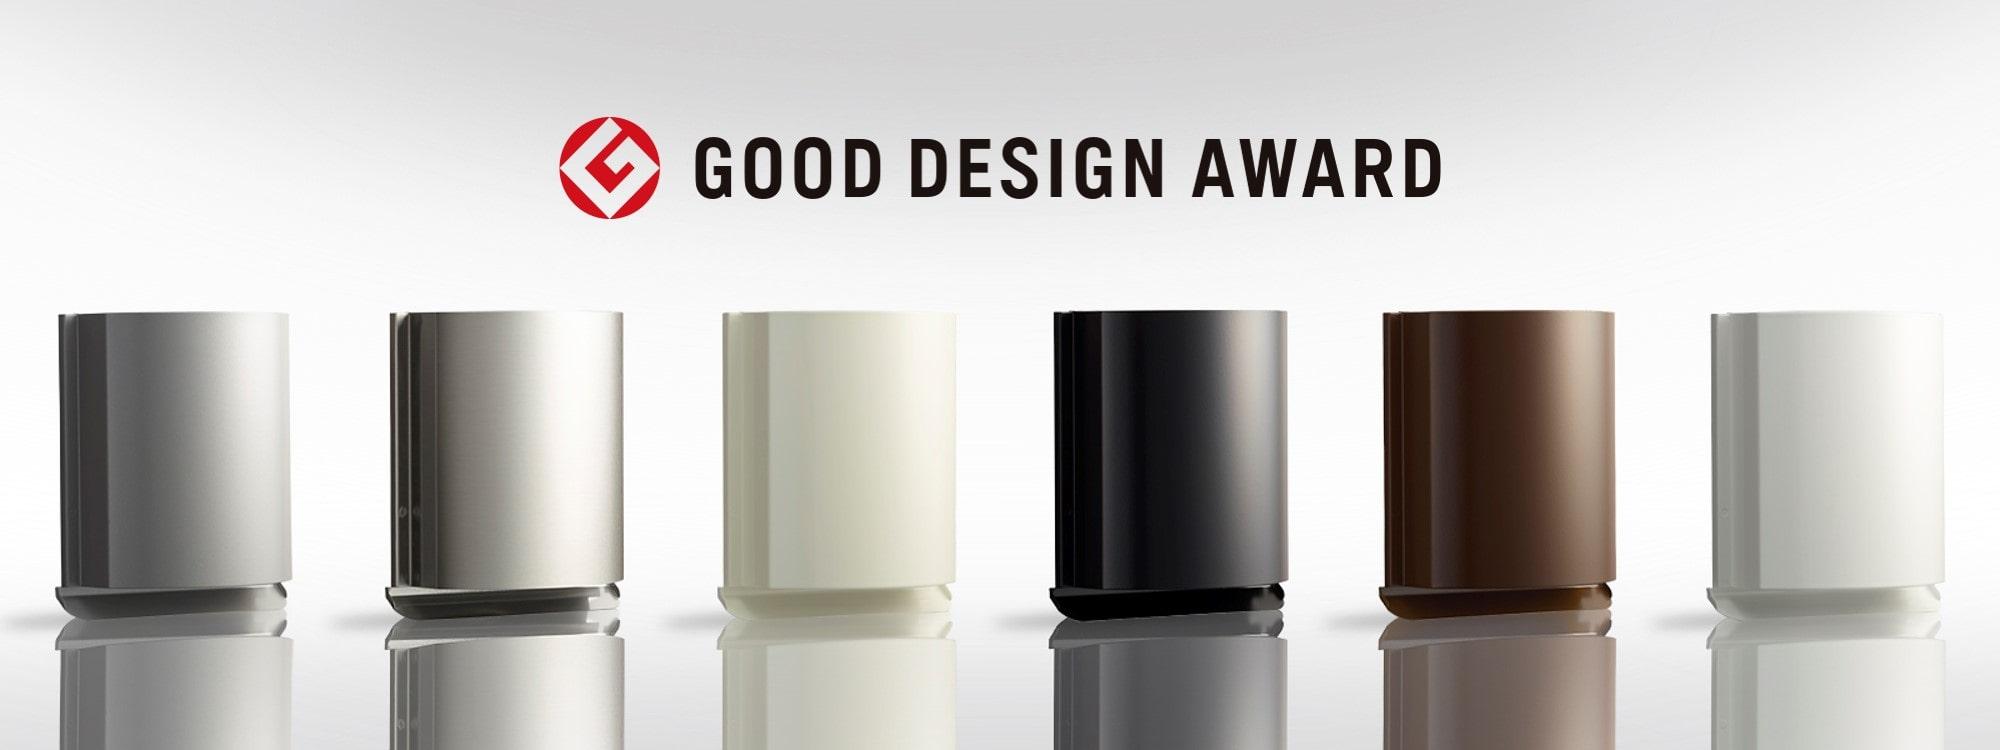 TRシリーズがグッドデザイン賞にノミネートされました。